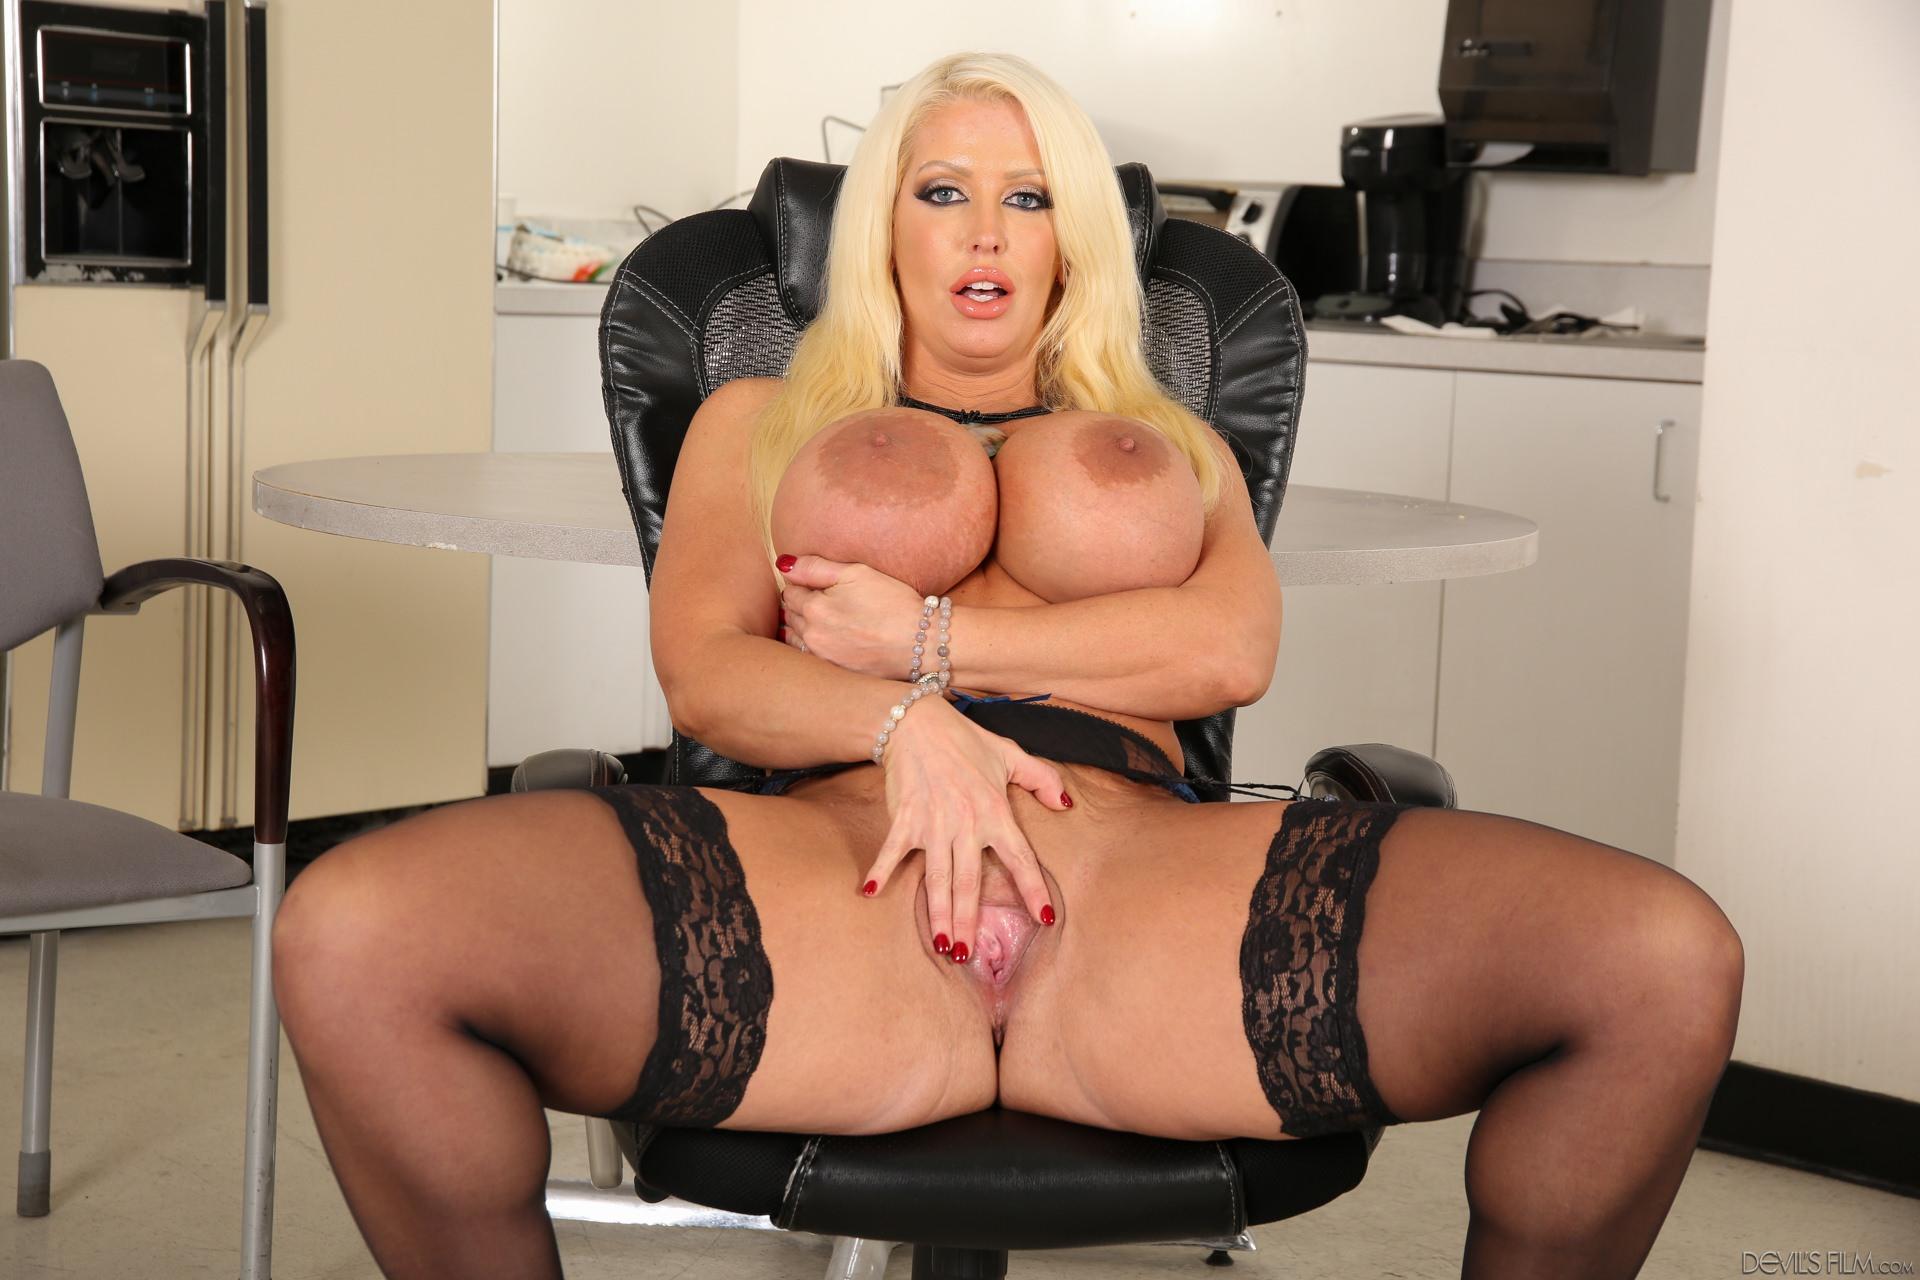 Alura jenson masturbating in her stockings pornone ex vporn